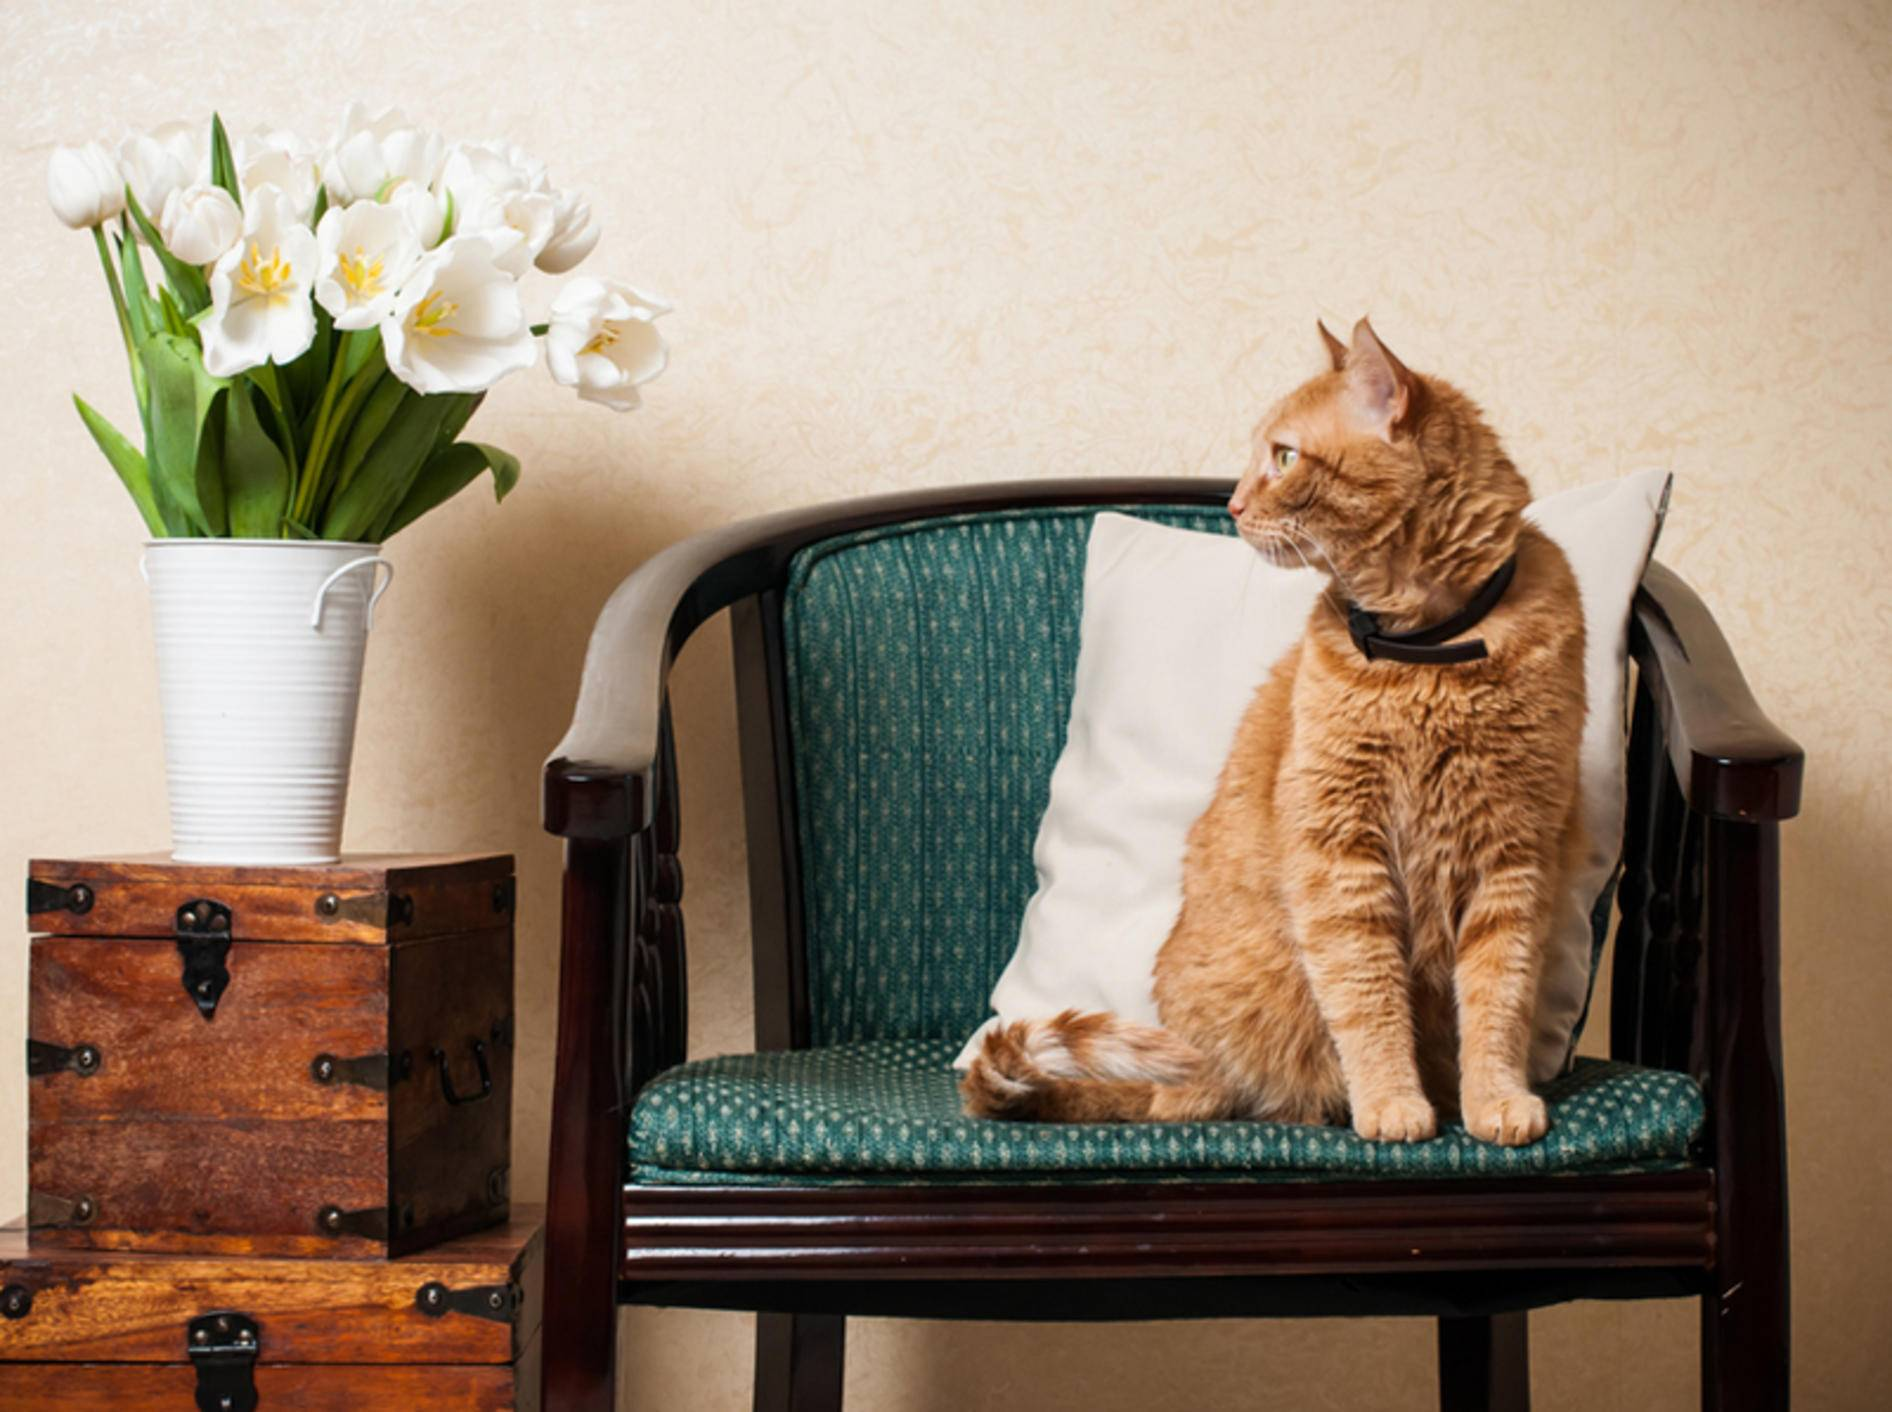 Auch im Wohnzimmer lauern zahlreiche Gefahrenquellen auf die Katze – Bild: Shutterstock / Daria-Minaieva